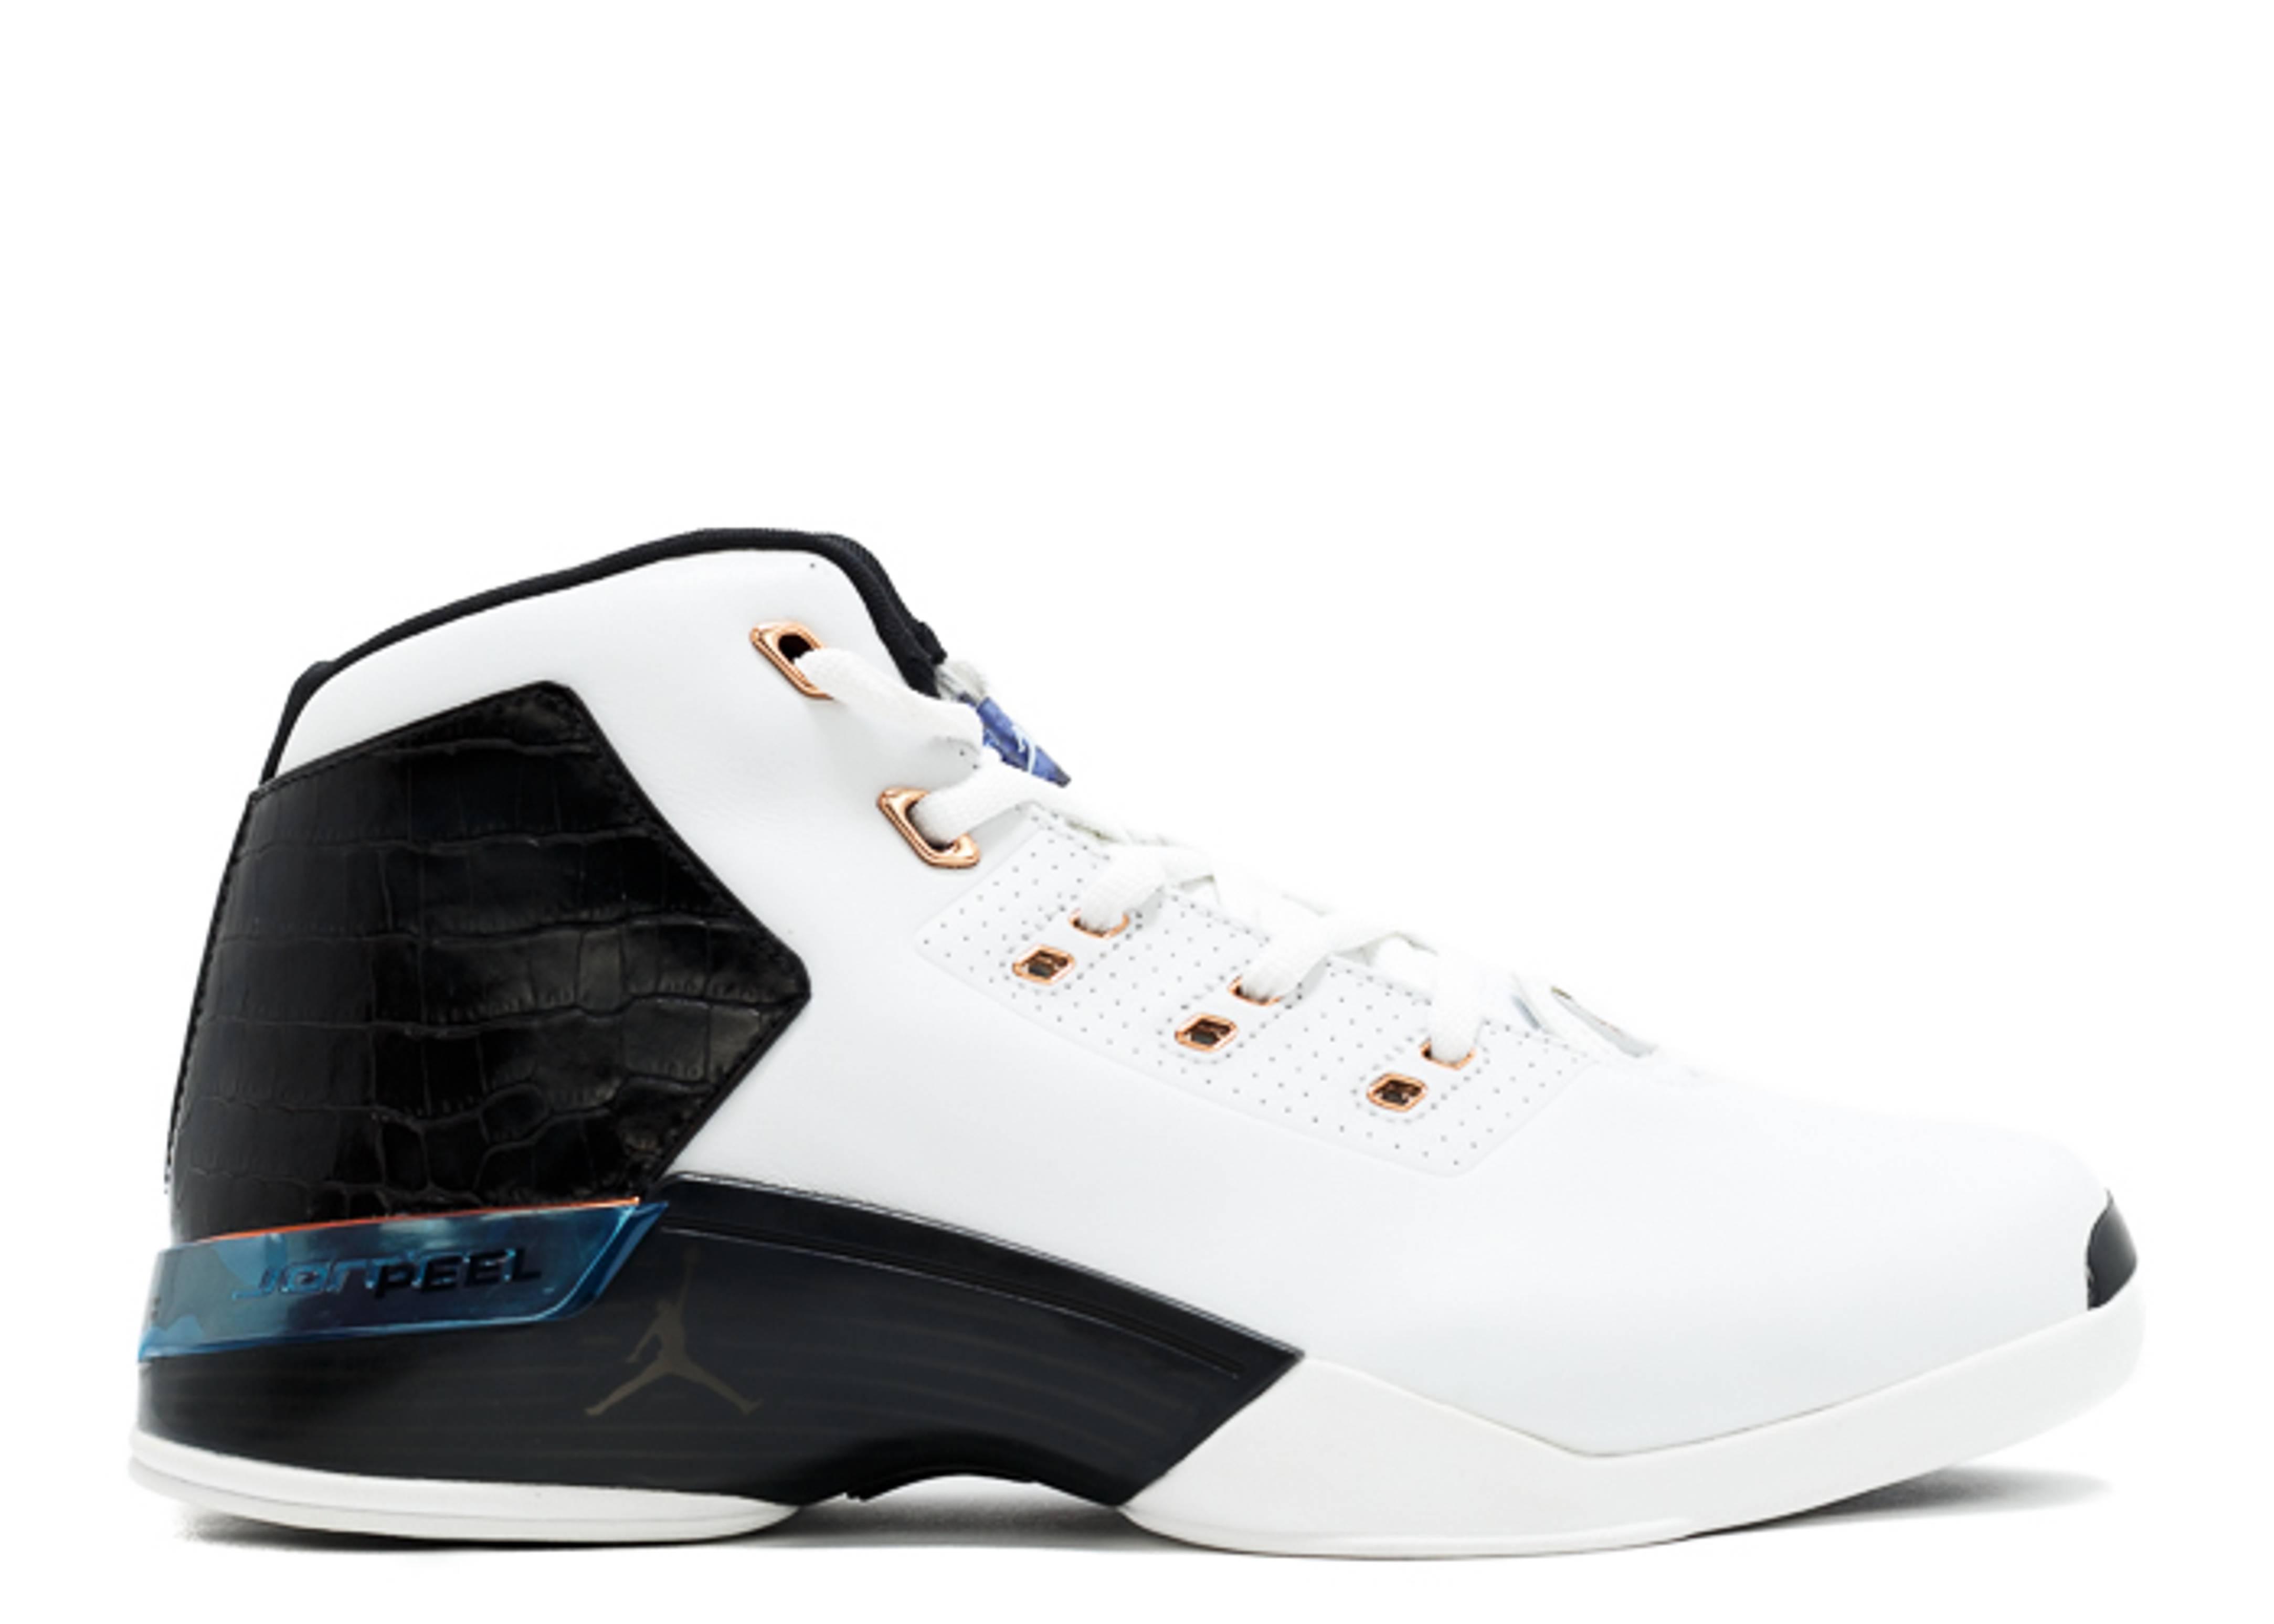 a9ca8b1a8481 Air Jordan 17 (XVII) Shoes - Nike